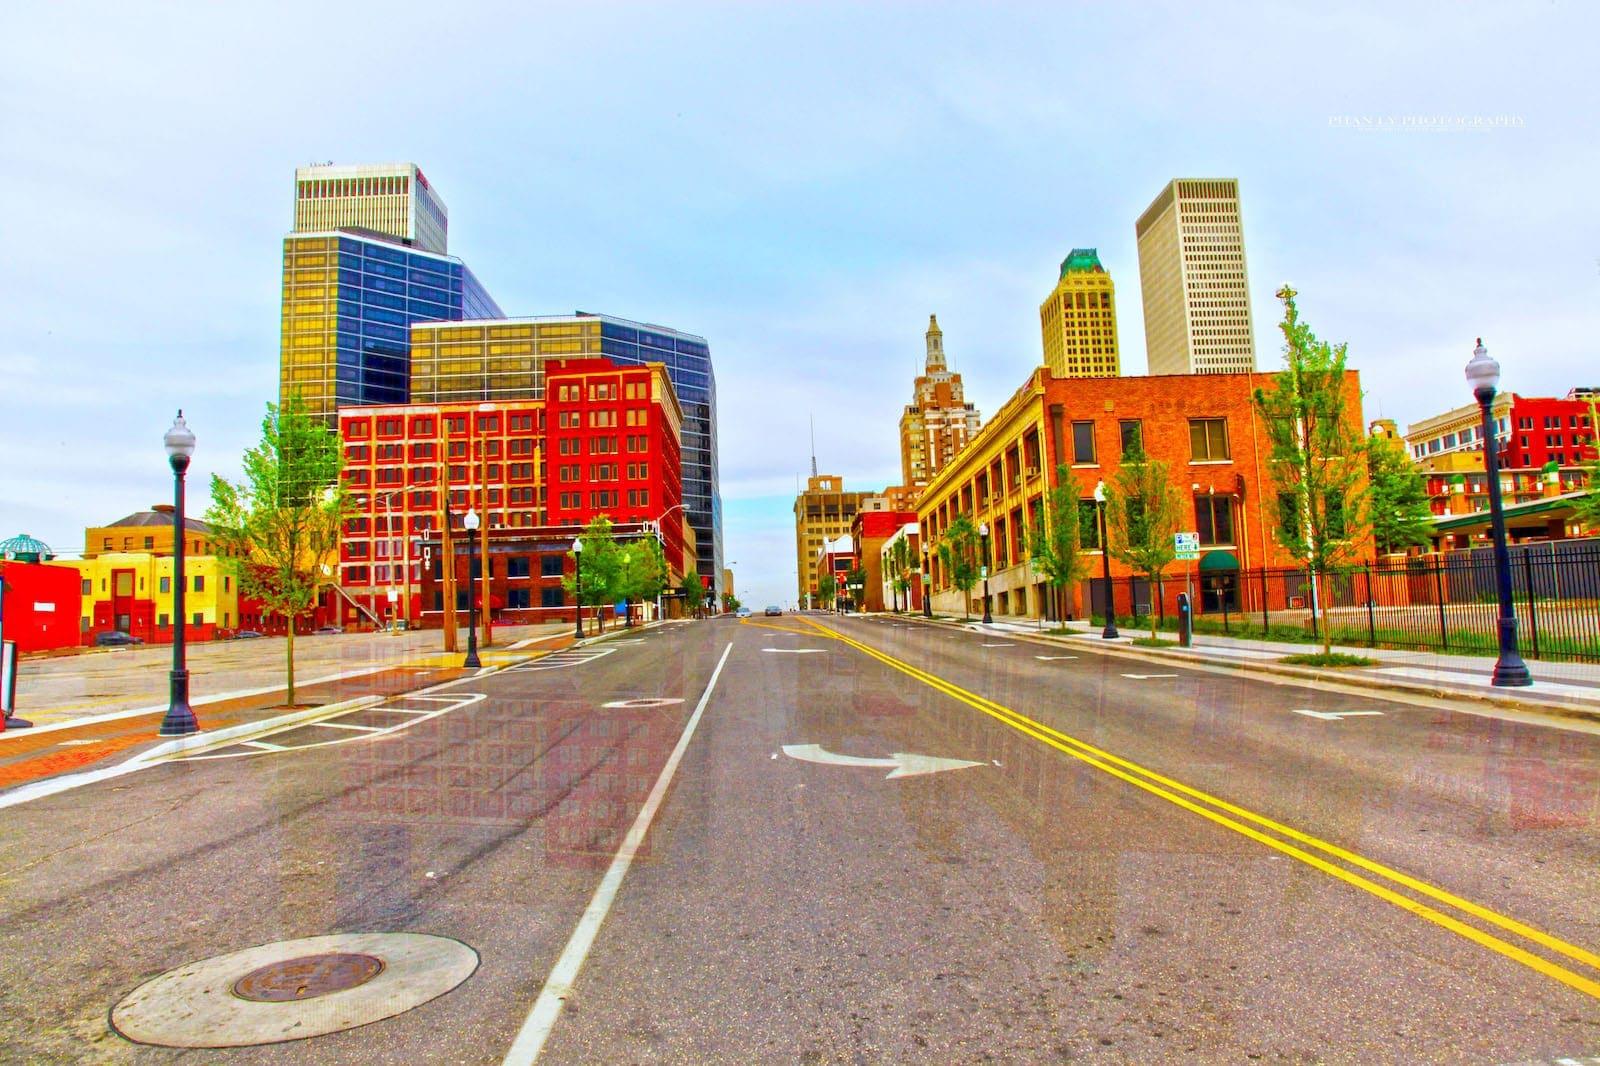 City of Tulsa, Oklahoma